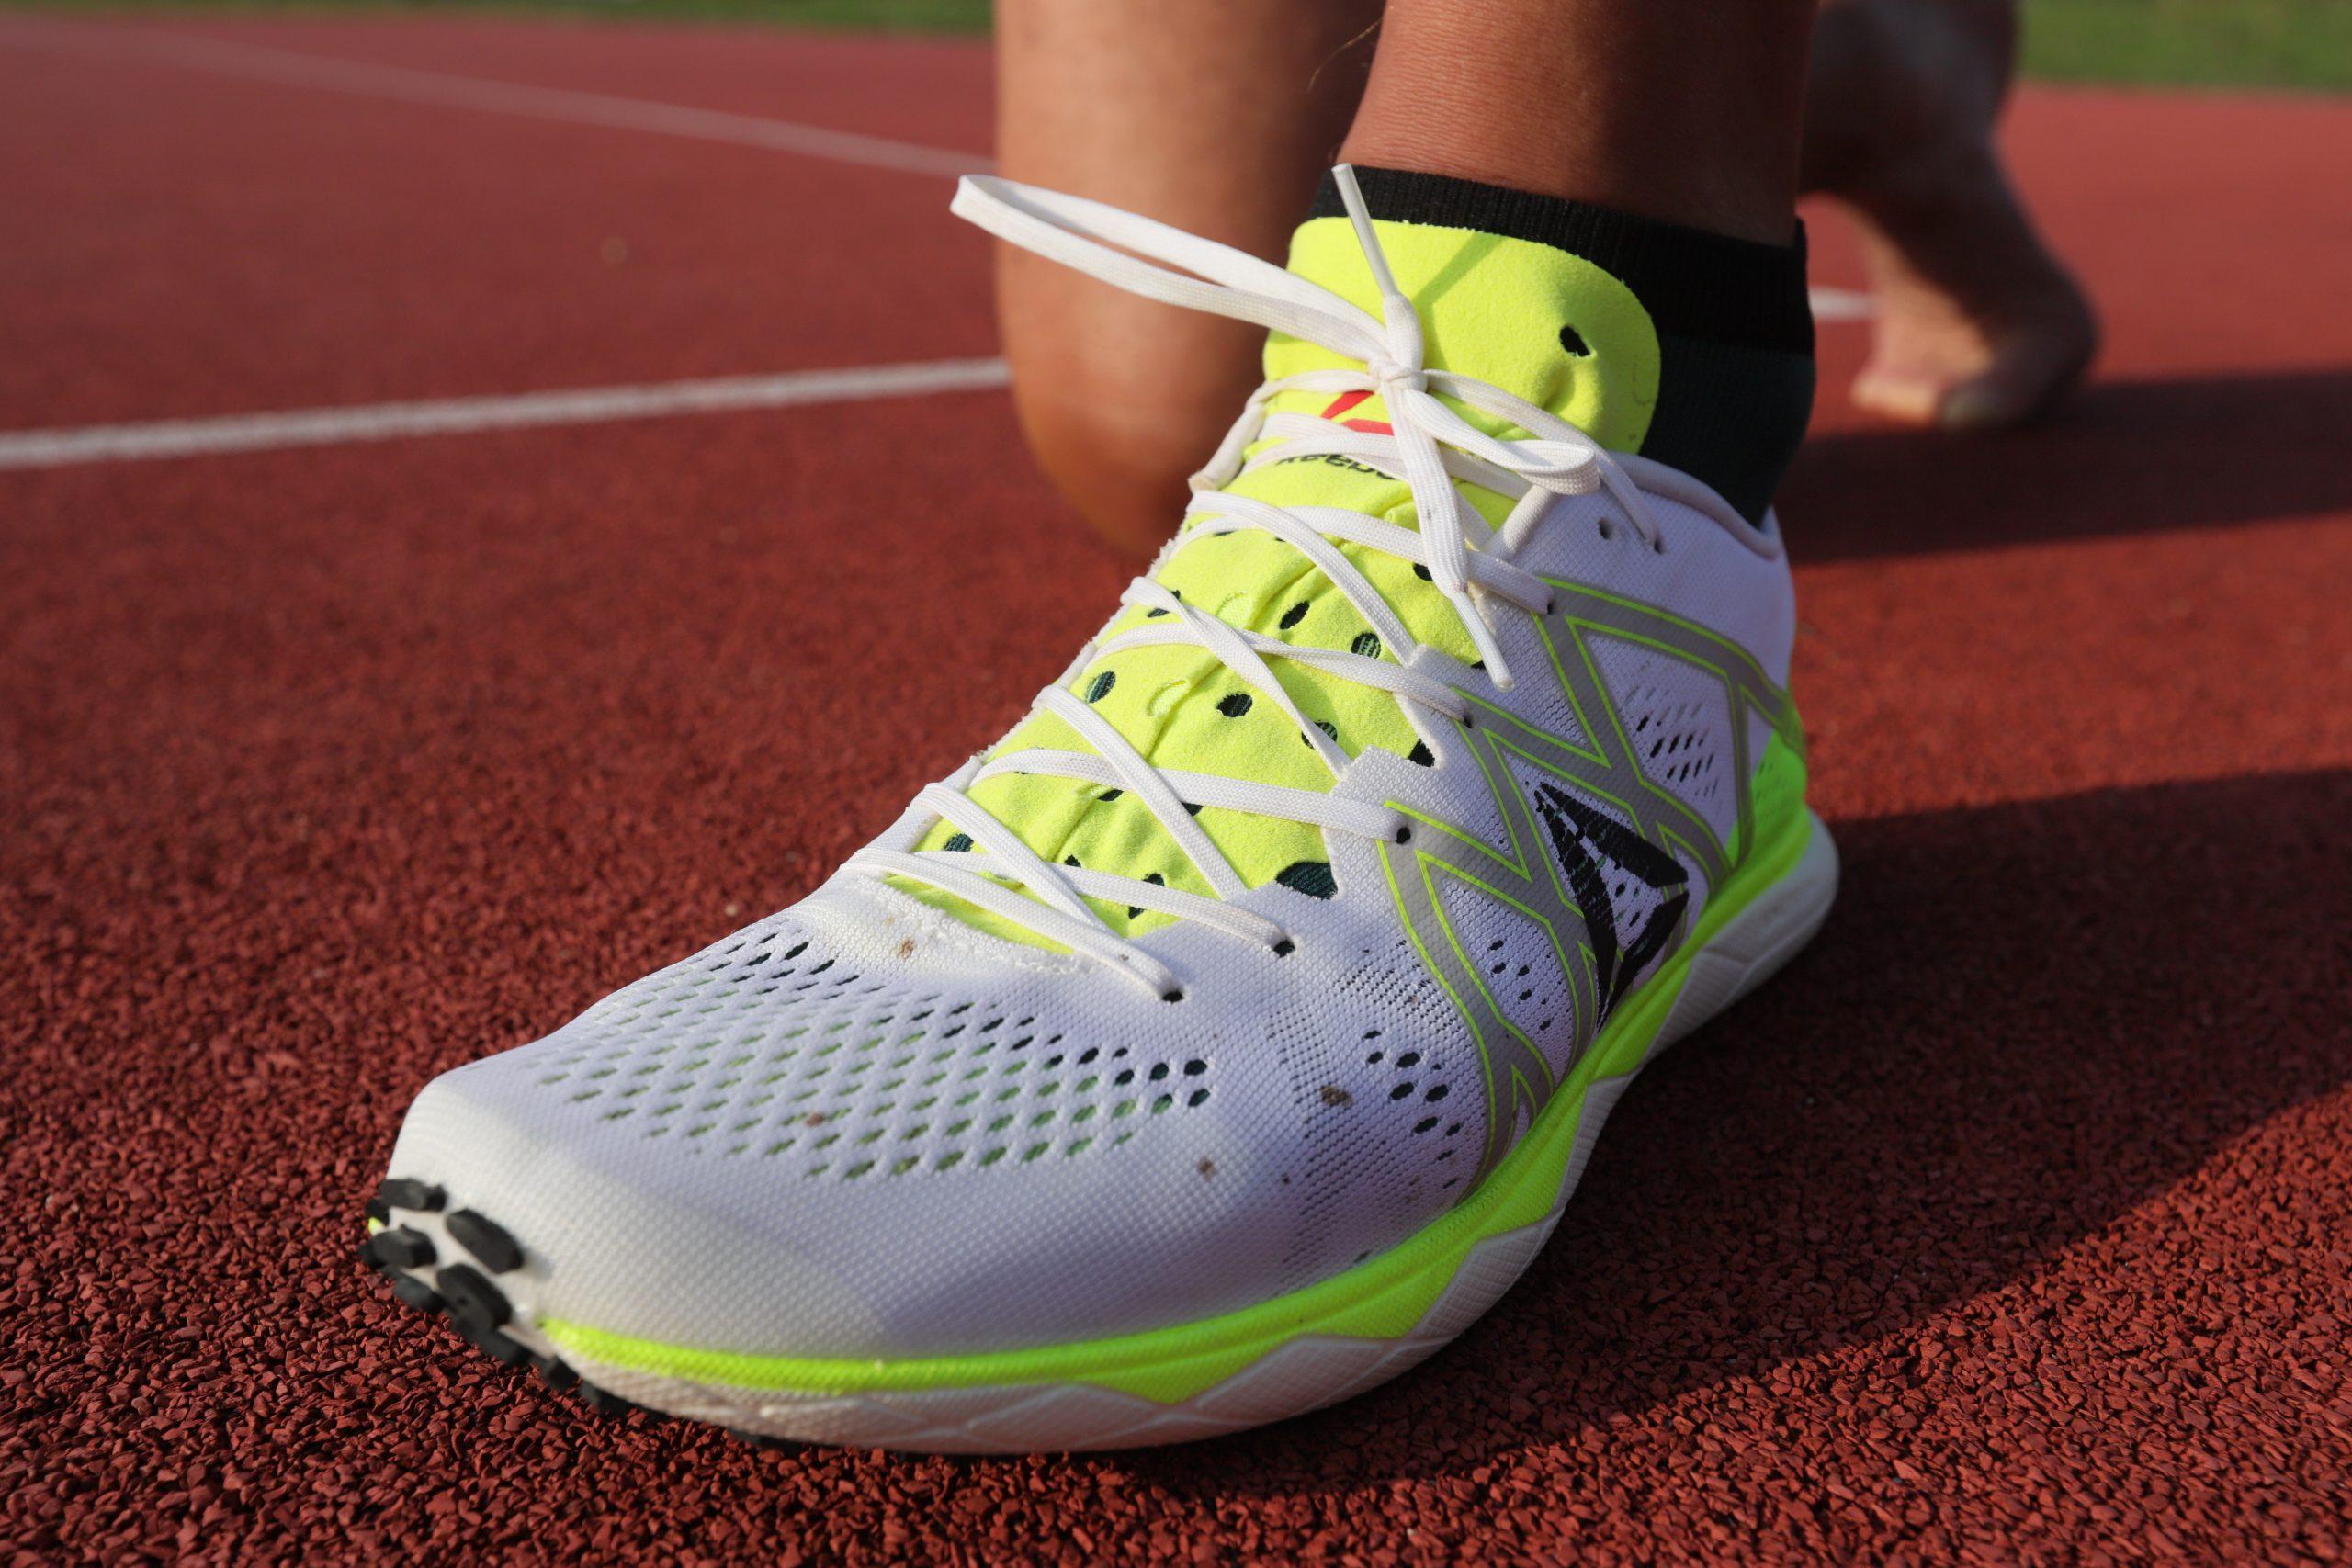 Povrch, po němž běháte, to je oč při výběru běžeckých bot běží černé nehty